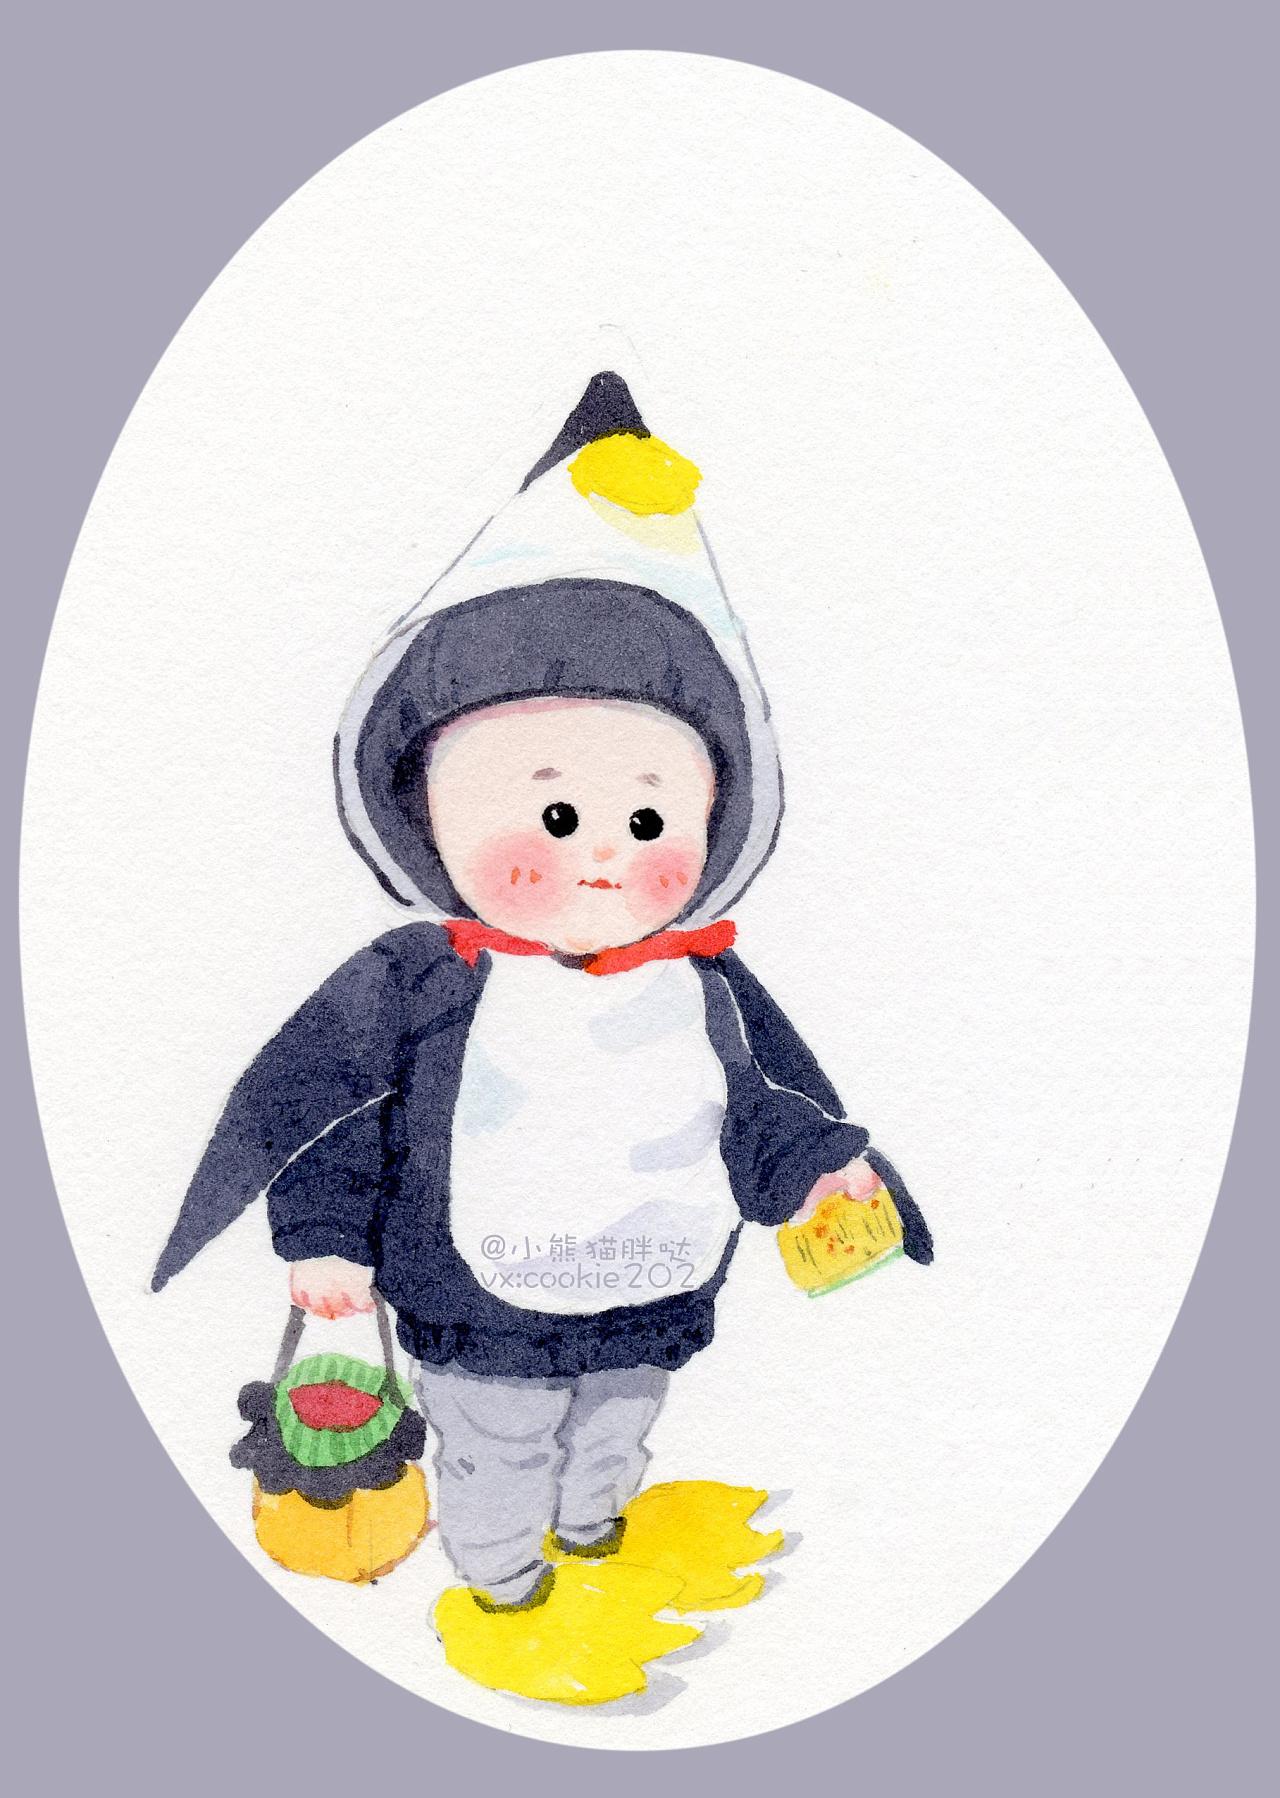 【小熊猫胖哒】水彩人物水彩教程小孩头像水彩宝宝画像